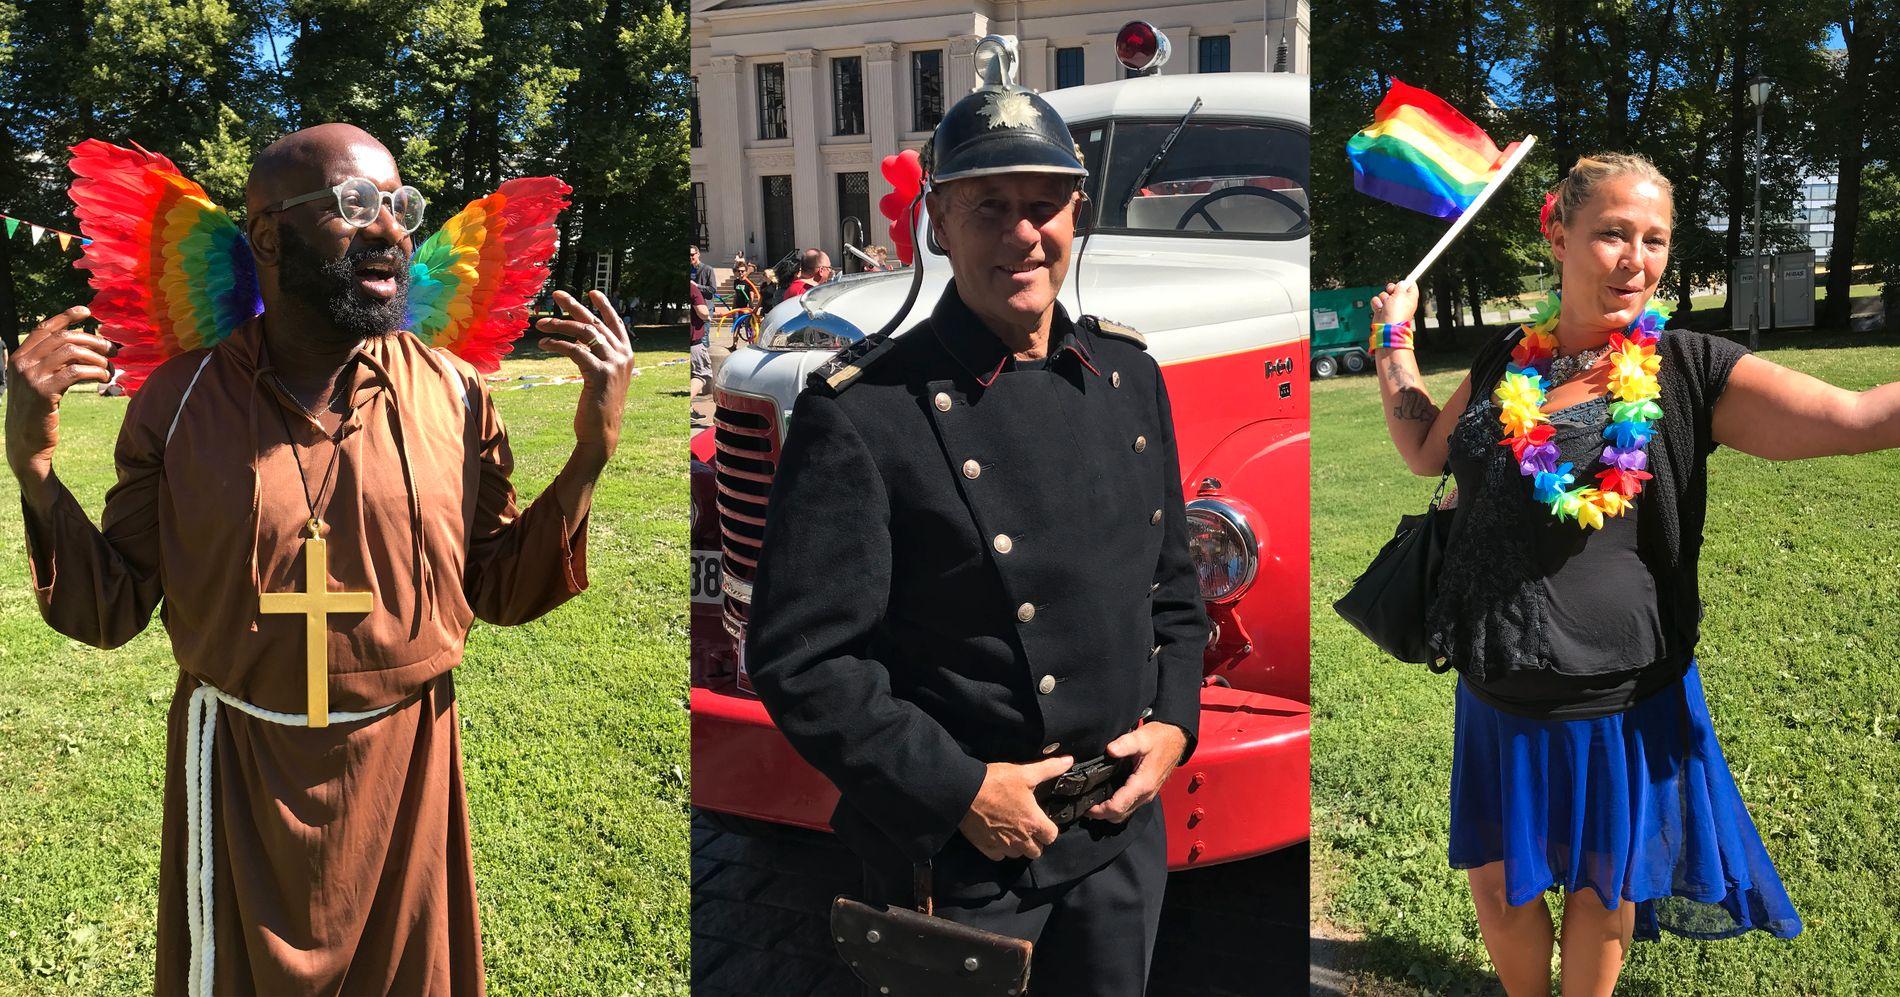 FEIRING: Tusenvis av mennesker samlet seg til Pride-feiring i Oslo i dag. Her er noen av dem.